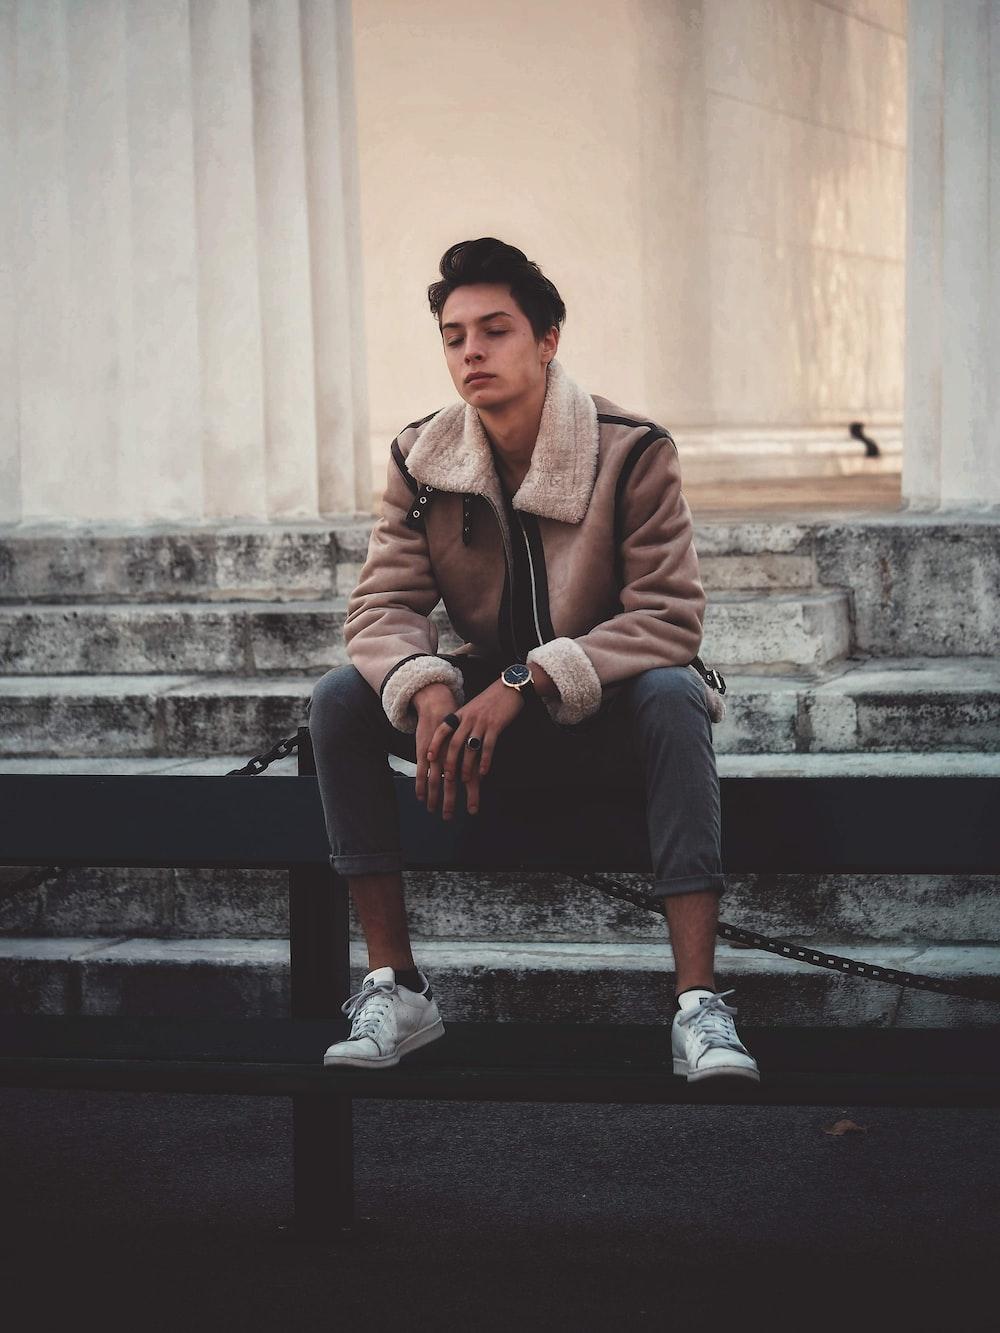 man wearing brown jacket sitting on fence